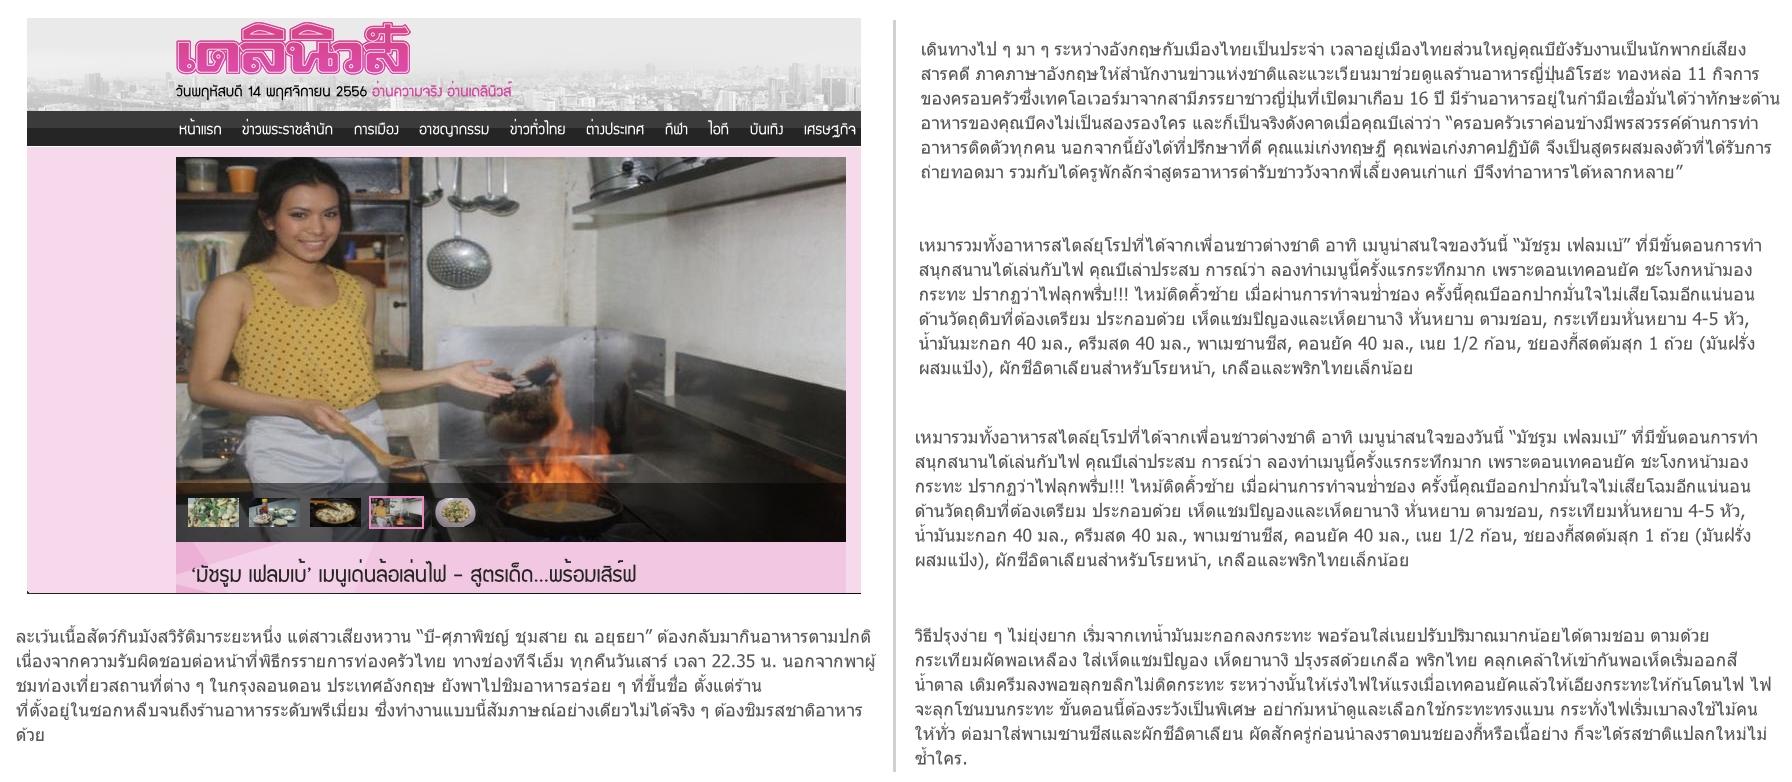 Dailynews Mushroom Flambe